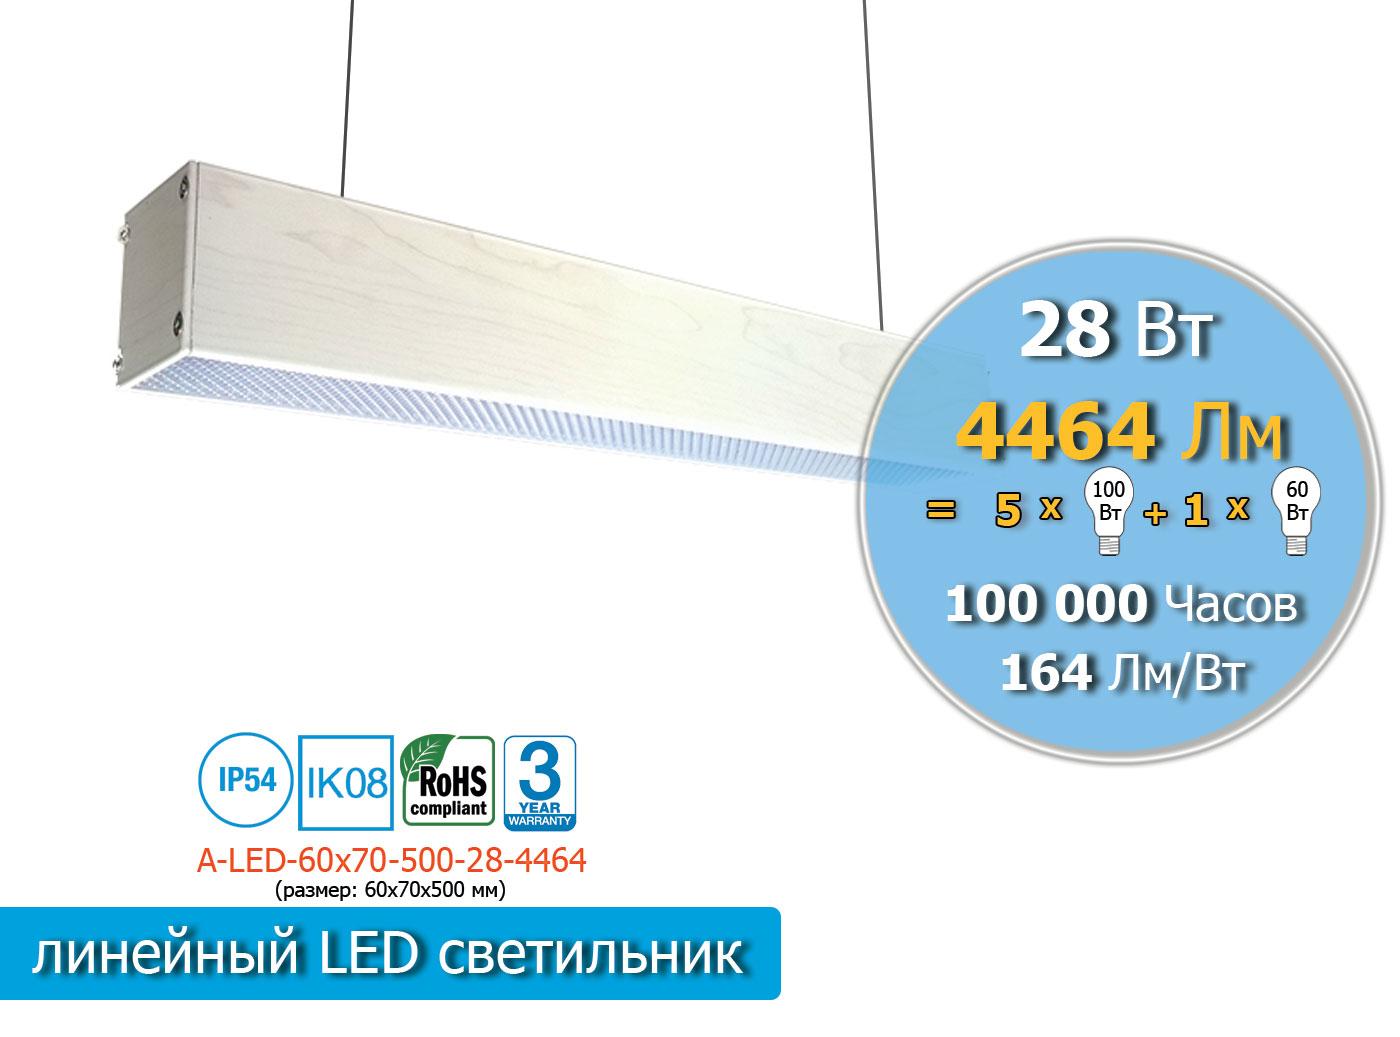 A-LED-60x70-500-28-4464-D